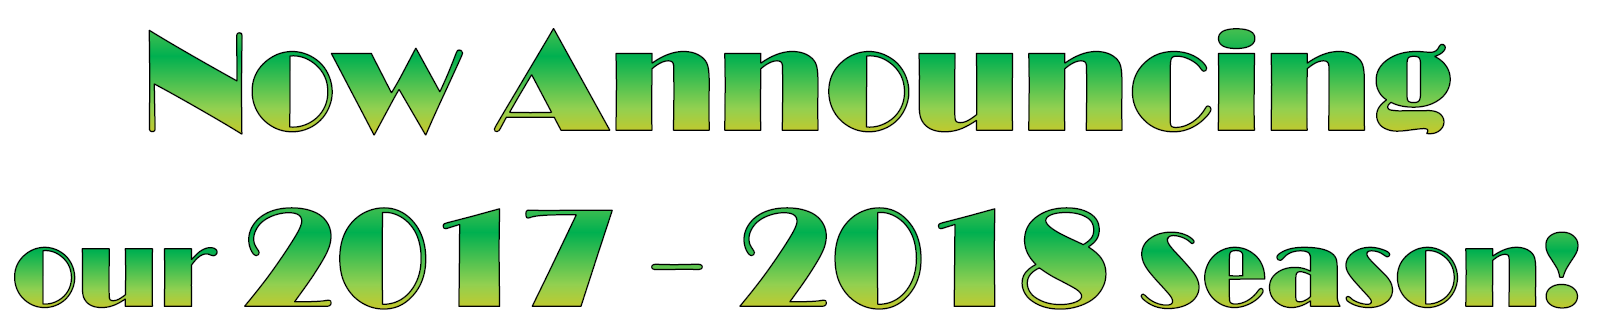 Announcing_2017-2018_season